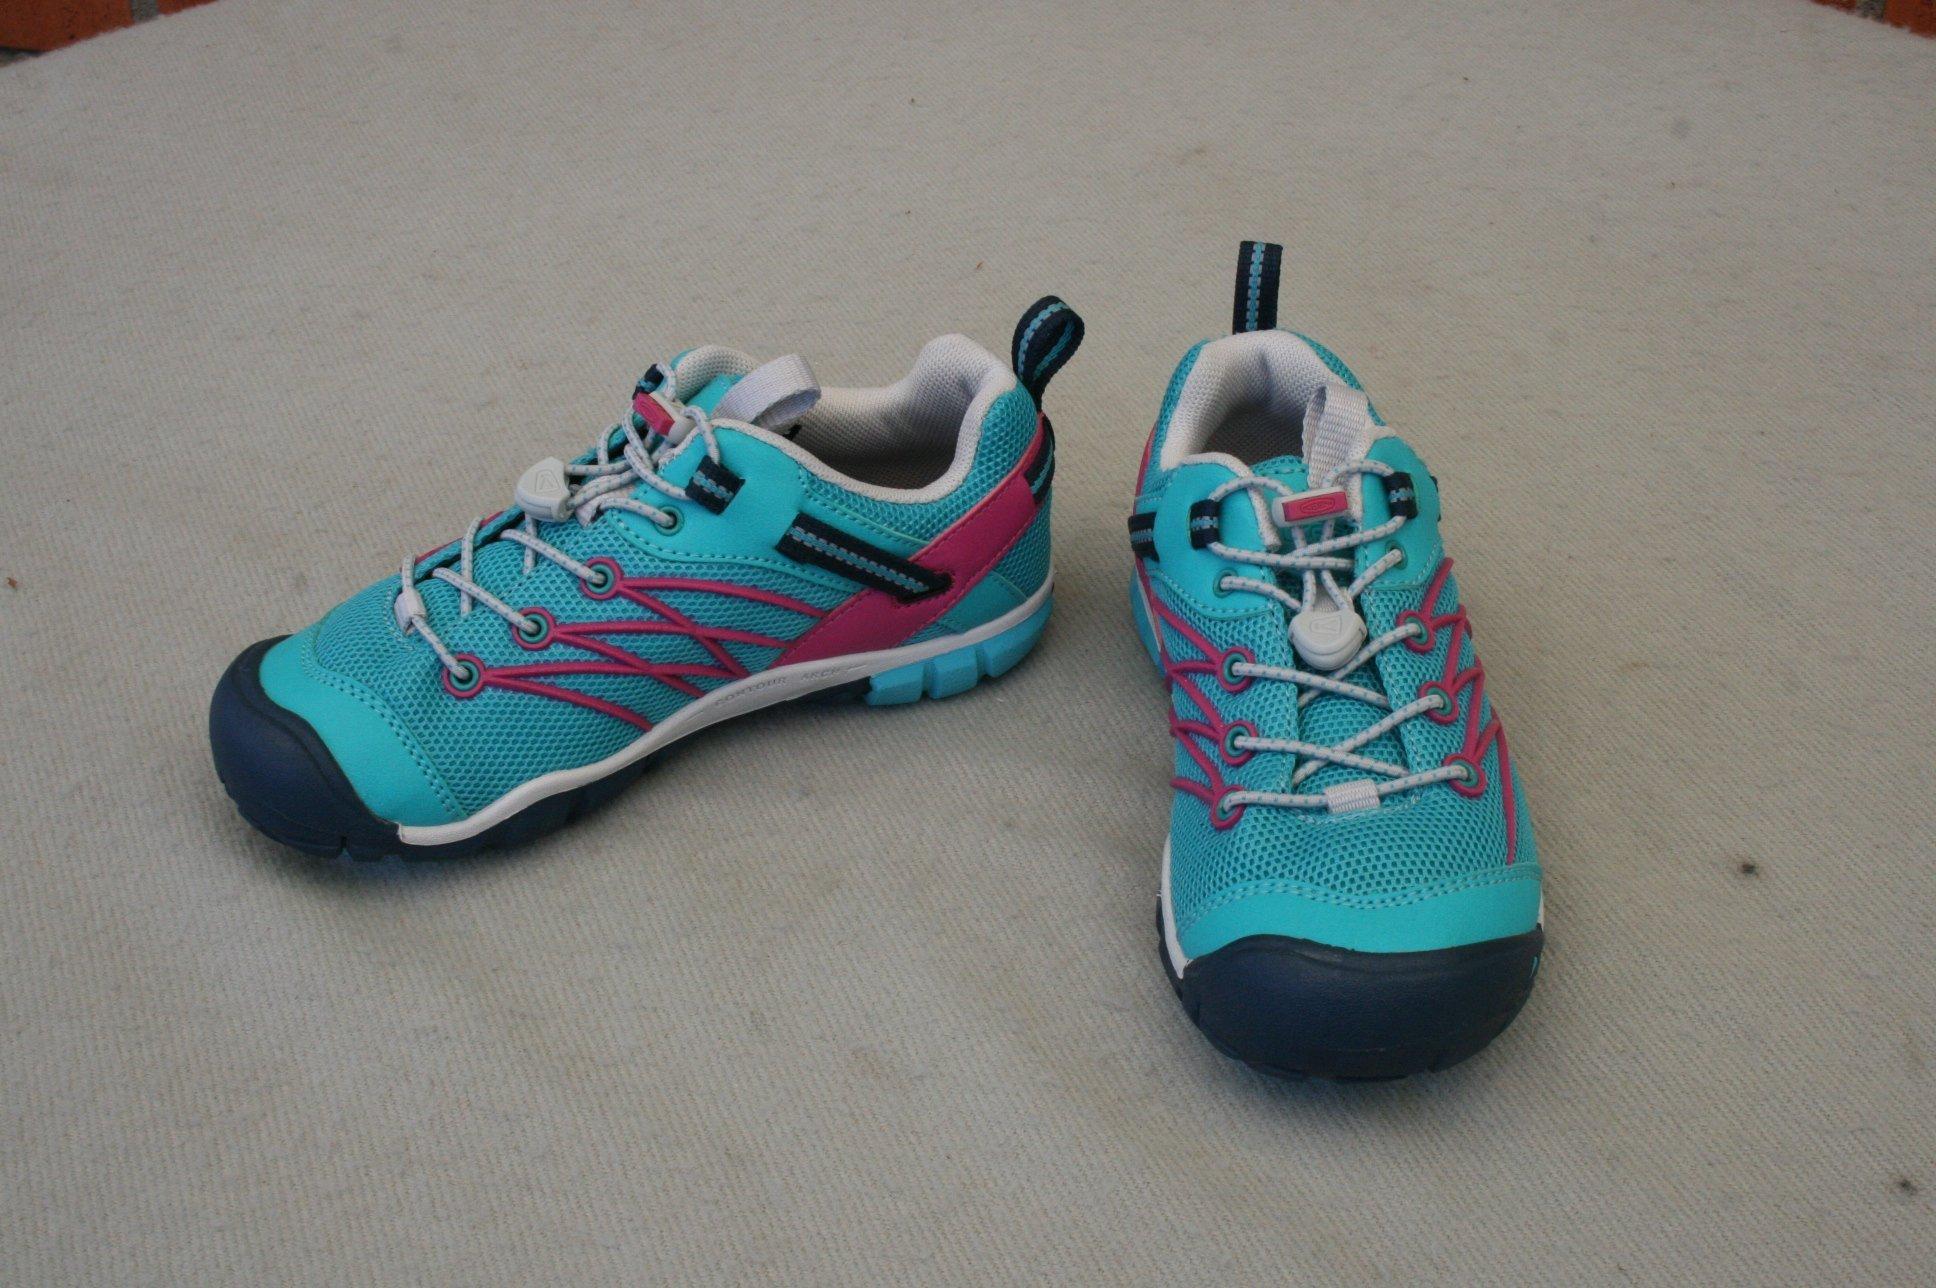 low priced 98662 583c4 KEEN footwear storlek 32-33 (354084815) ᐈ Köp på Tradera